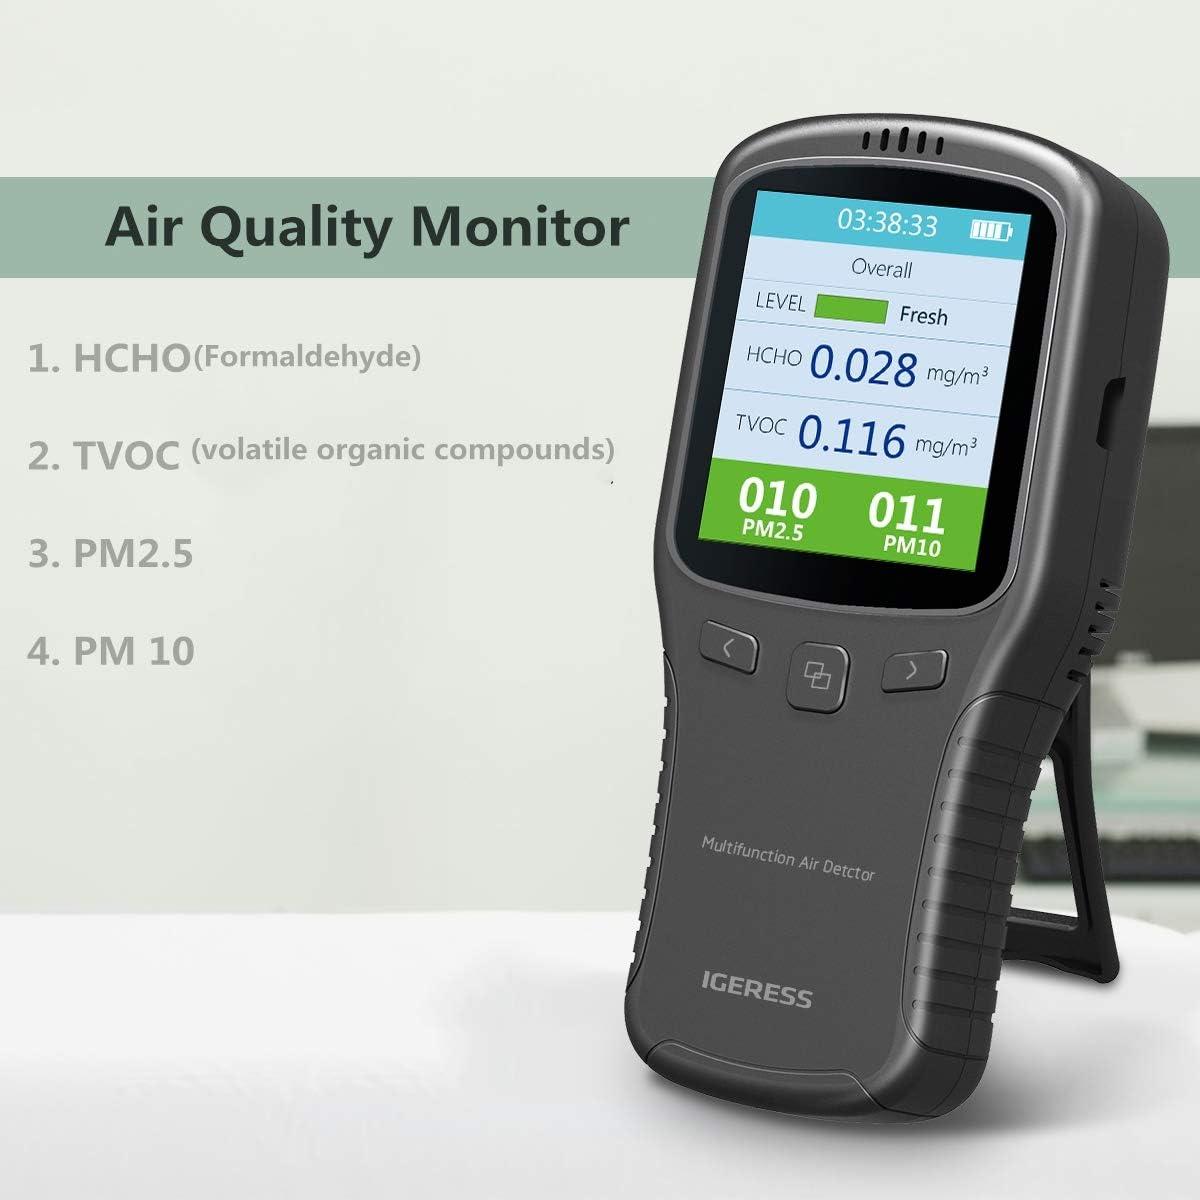 Digitale PM2.5 Tester HCHO//TVOC//CO2 Gas Tester Monitor//Misuratore della qualit/à dellaria Utilizzato per interni//Cucina//Auto,TZUTOGETHER Rilevatore di Misuratore della qualit/à dellaria